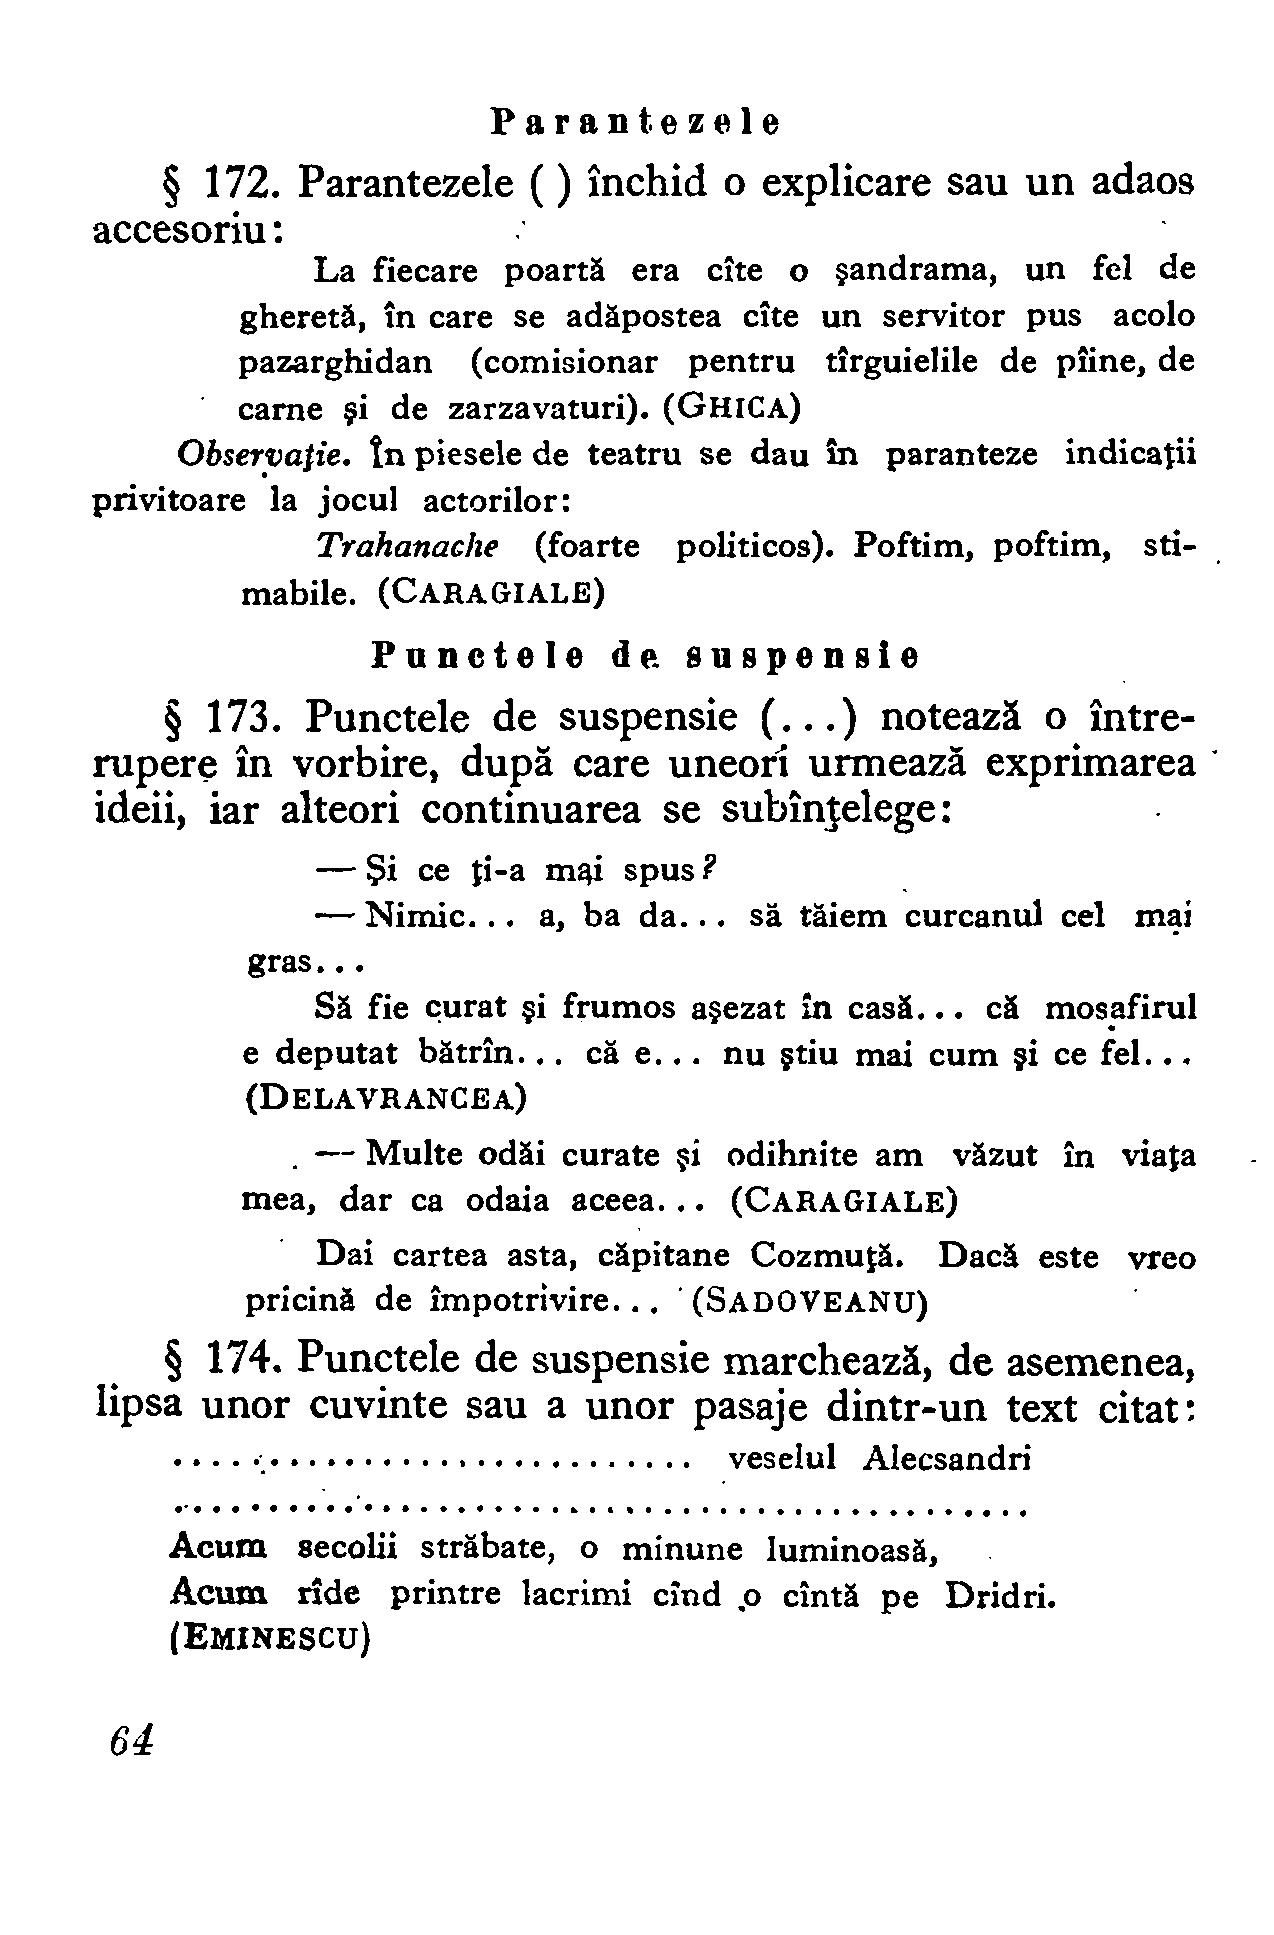 1954 - Mic dicționar ortografic (62).png